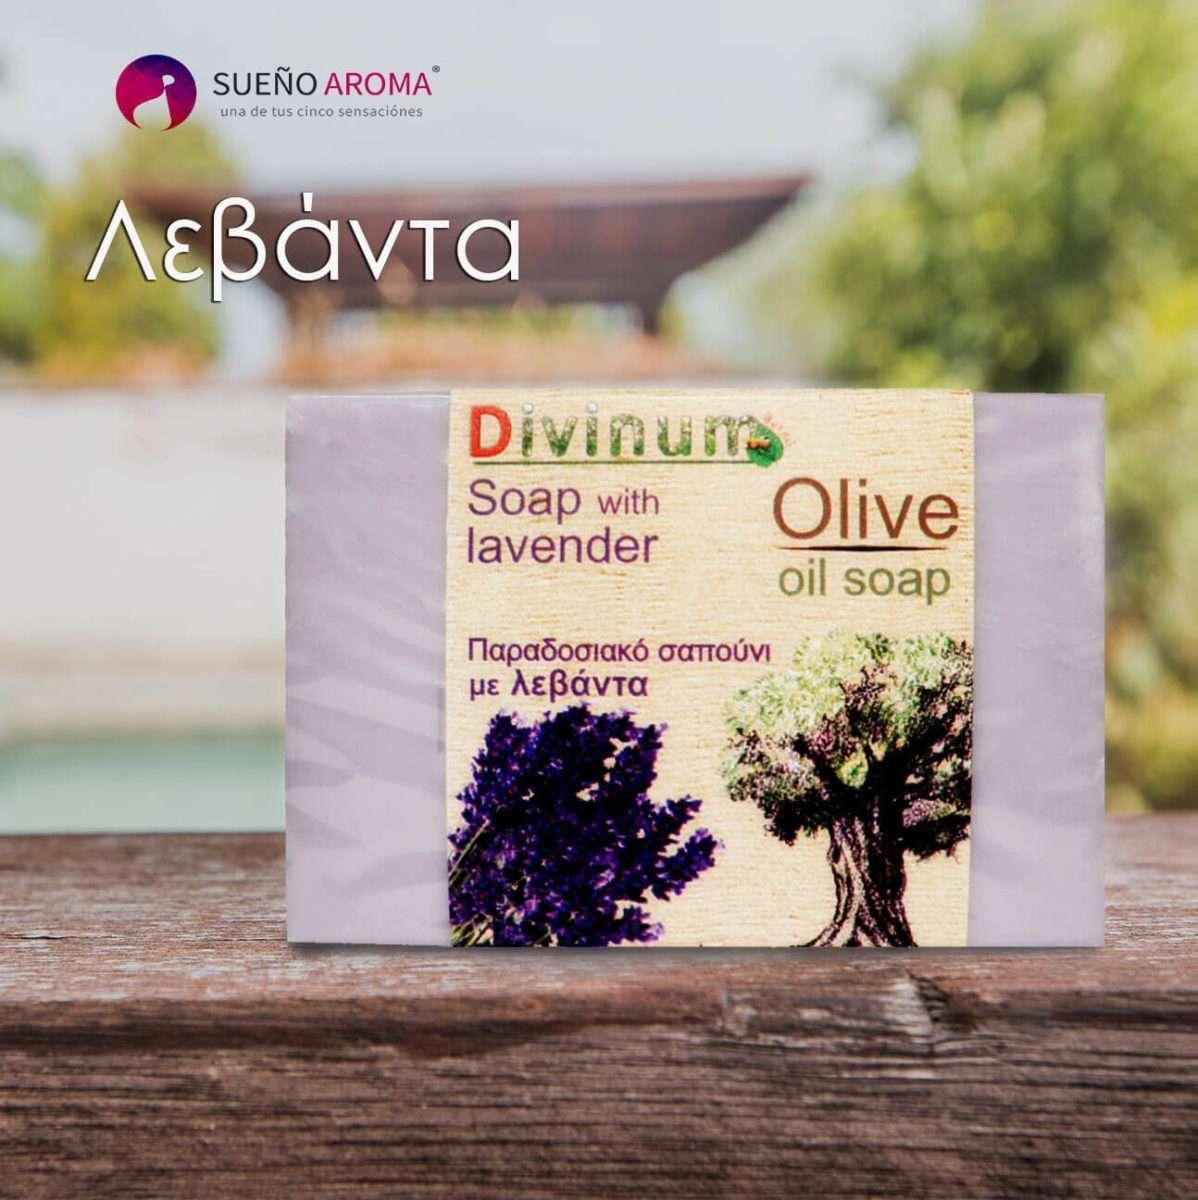 handmade soap lavender olive oil divinum